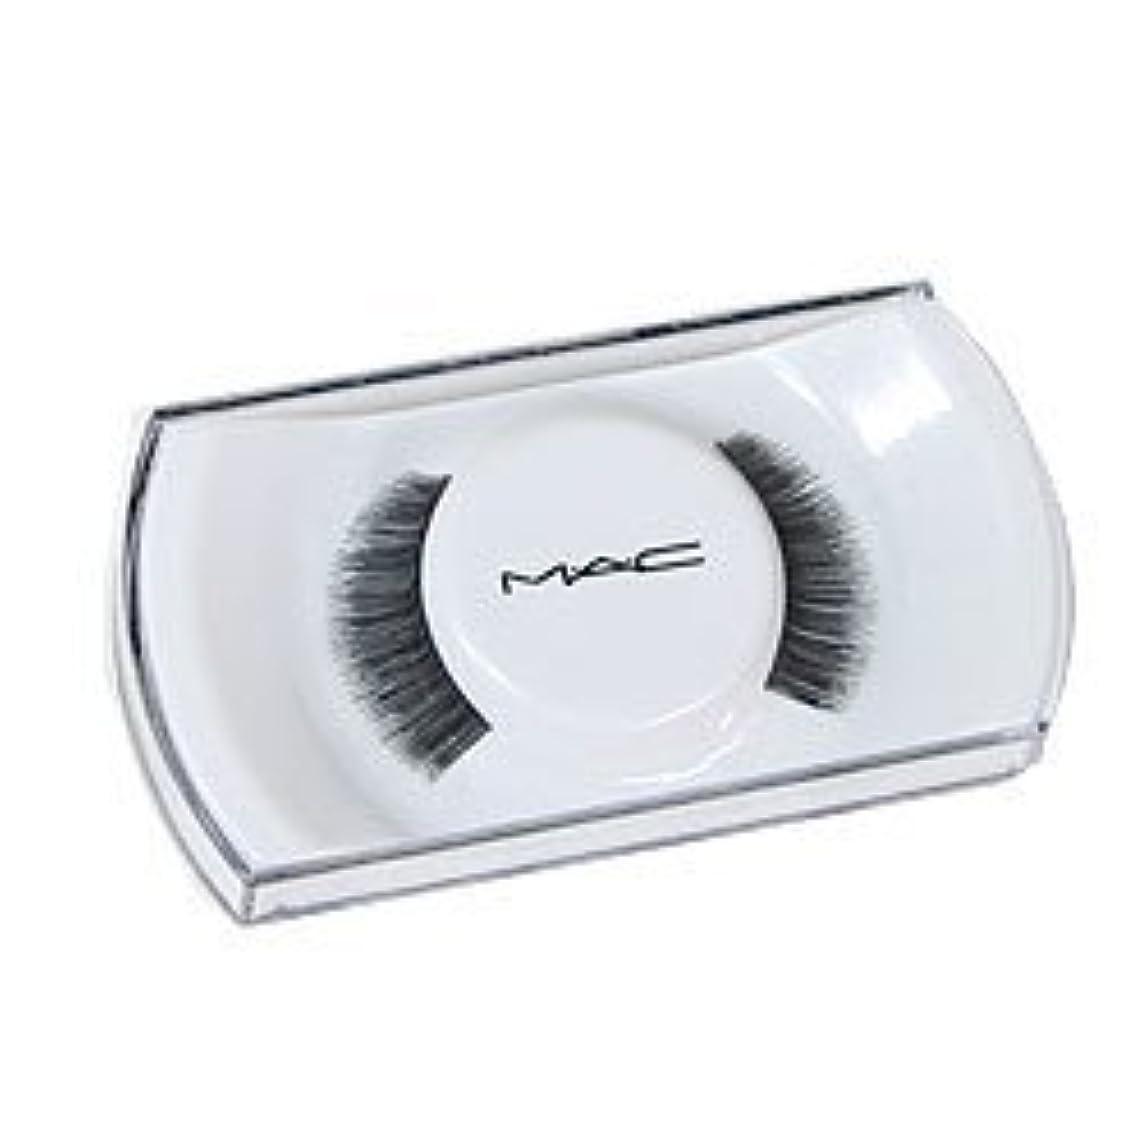 温かい粘性の熟練したMAC マック アイラッシュ (つけまつ毛) 【並行輸入品】 36 (在庫)